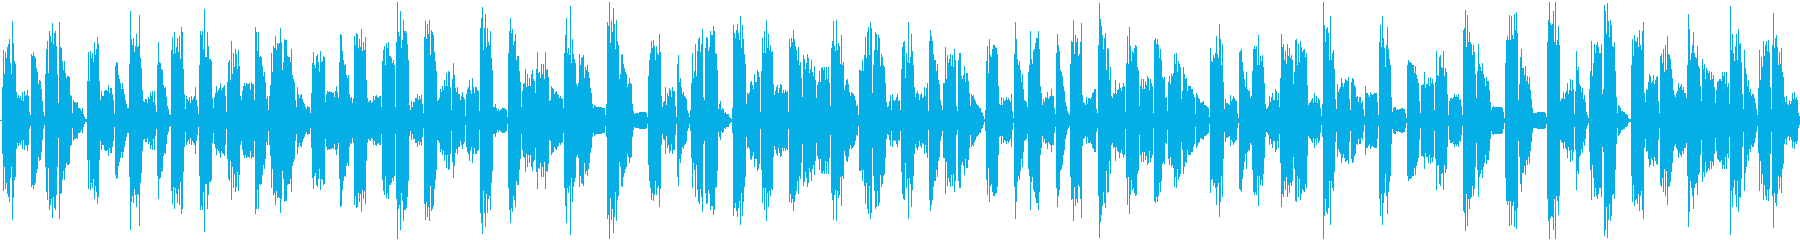 リズムを強調した淡々と伸びやかな楽曲の再生済みの波形